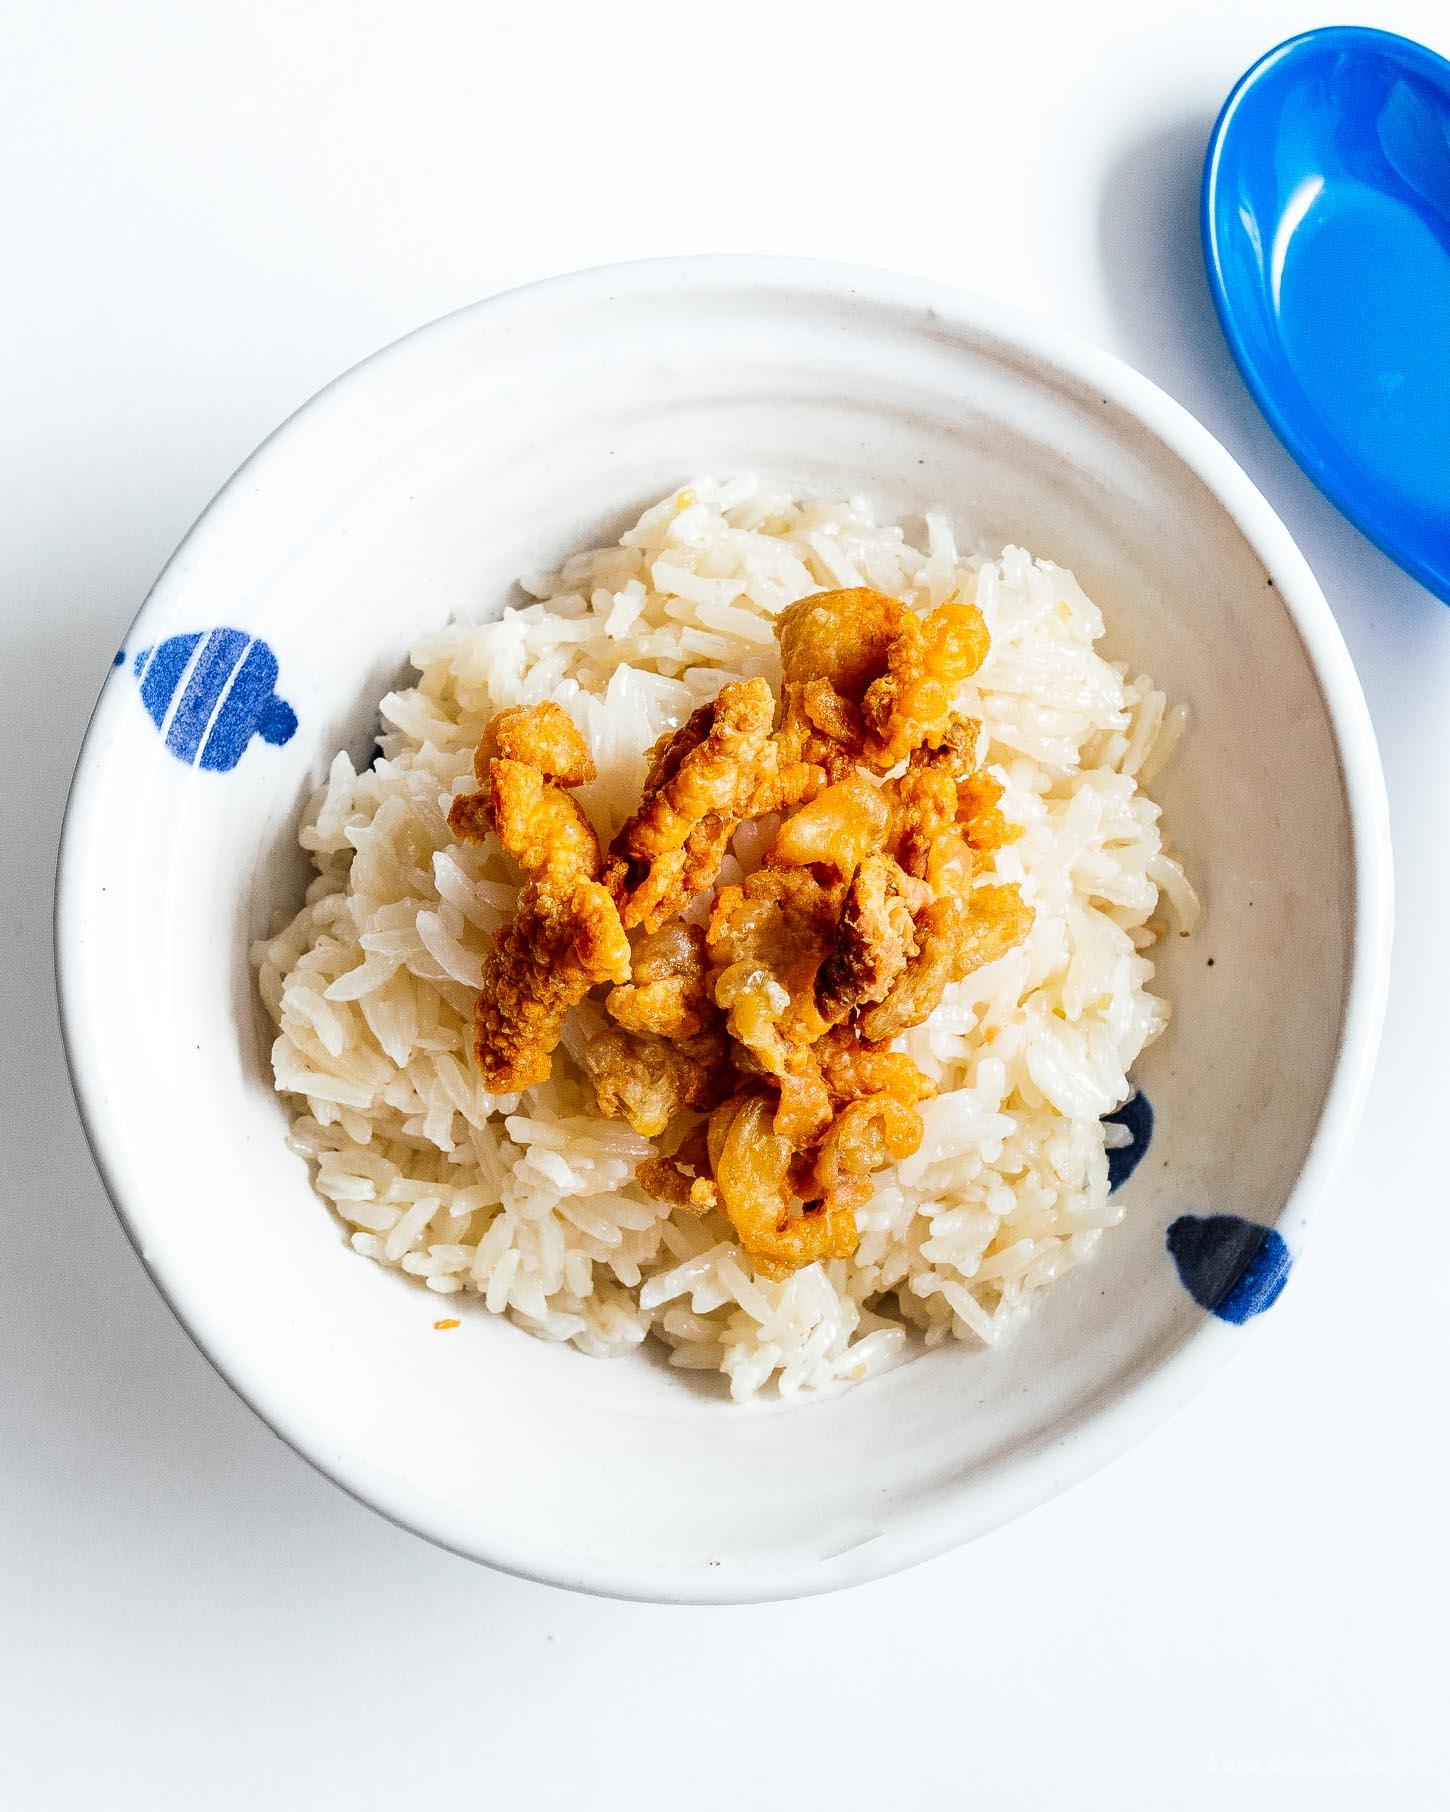 超级简单而又令人满意的海南鸡饭:多汁的蒸鸡和姜蒜饭在同一个锅里煮。这就是你现在想要的晚餐!海南胡桃米鸡饭食谱晚餐一锅简单食谱鸡饭食谱米饭鸡饭米饭